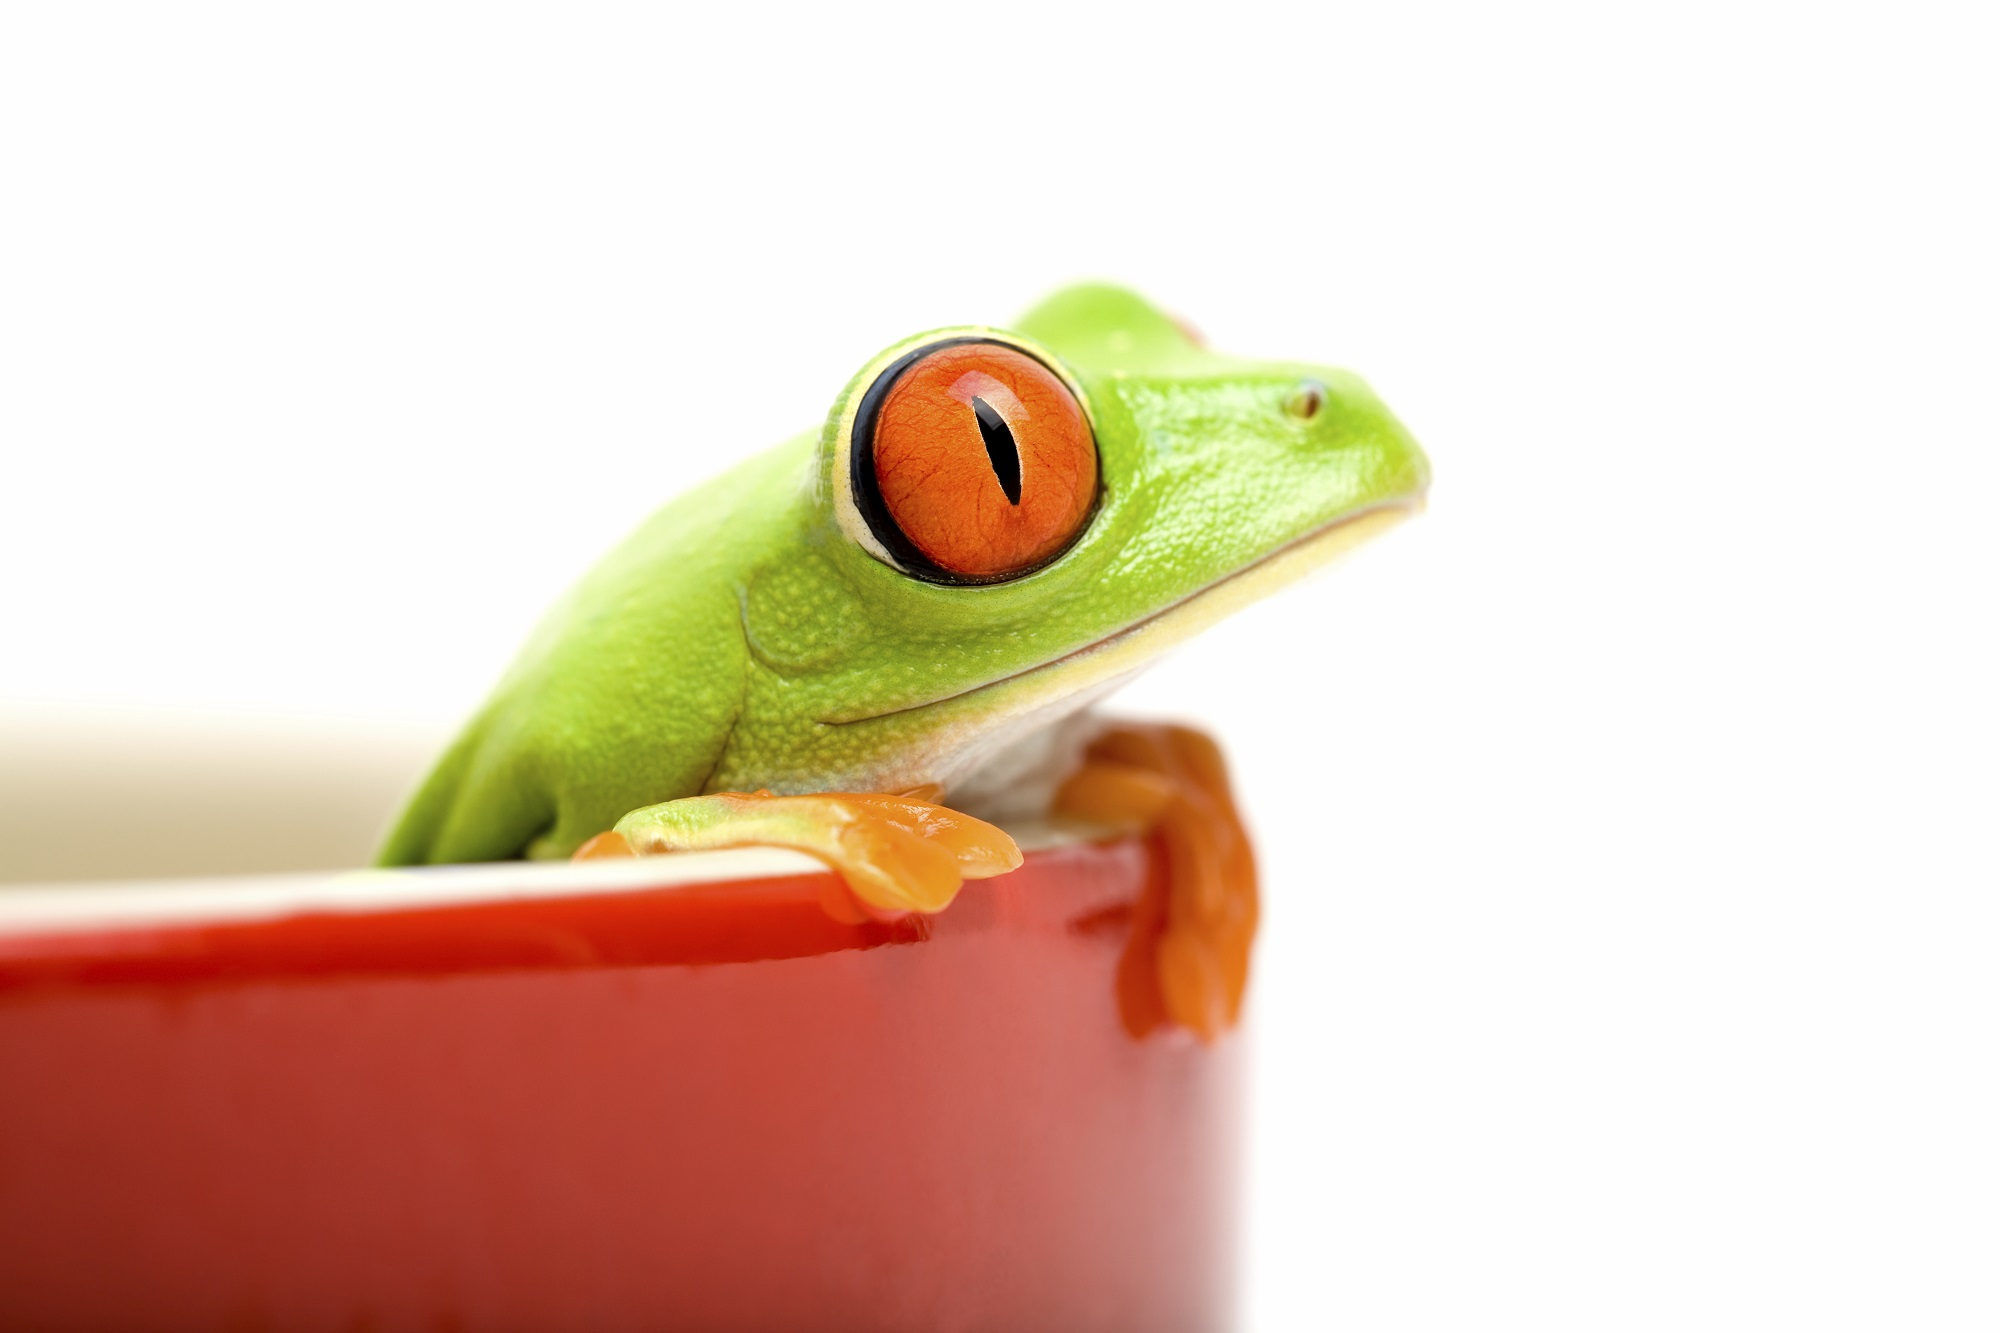 4- iStock_000004093466_Full_Frog_2.jpg